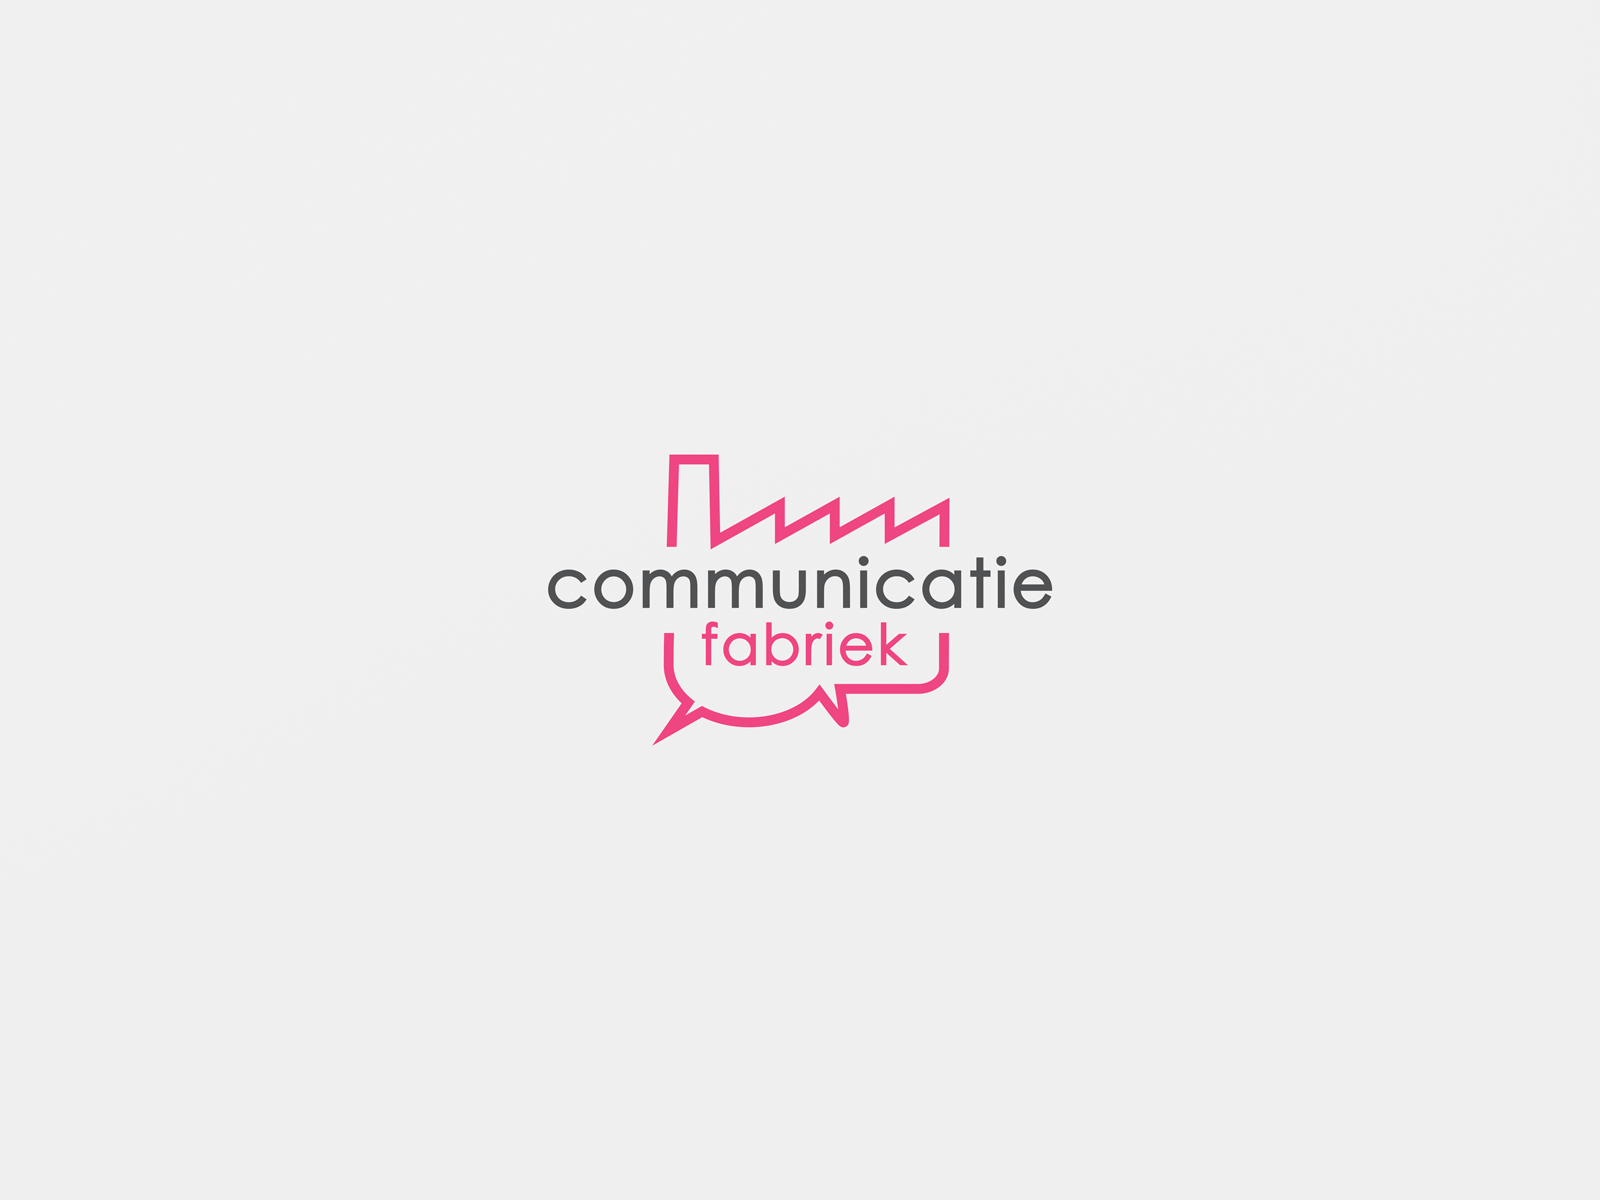 Beeldmarq - Grafische vormgeving & communicatie |Communicatie Fabriek